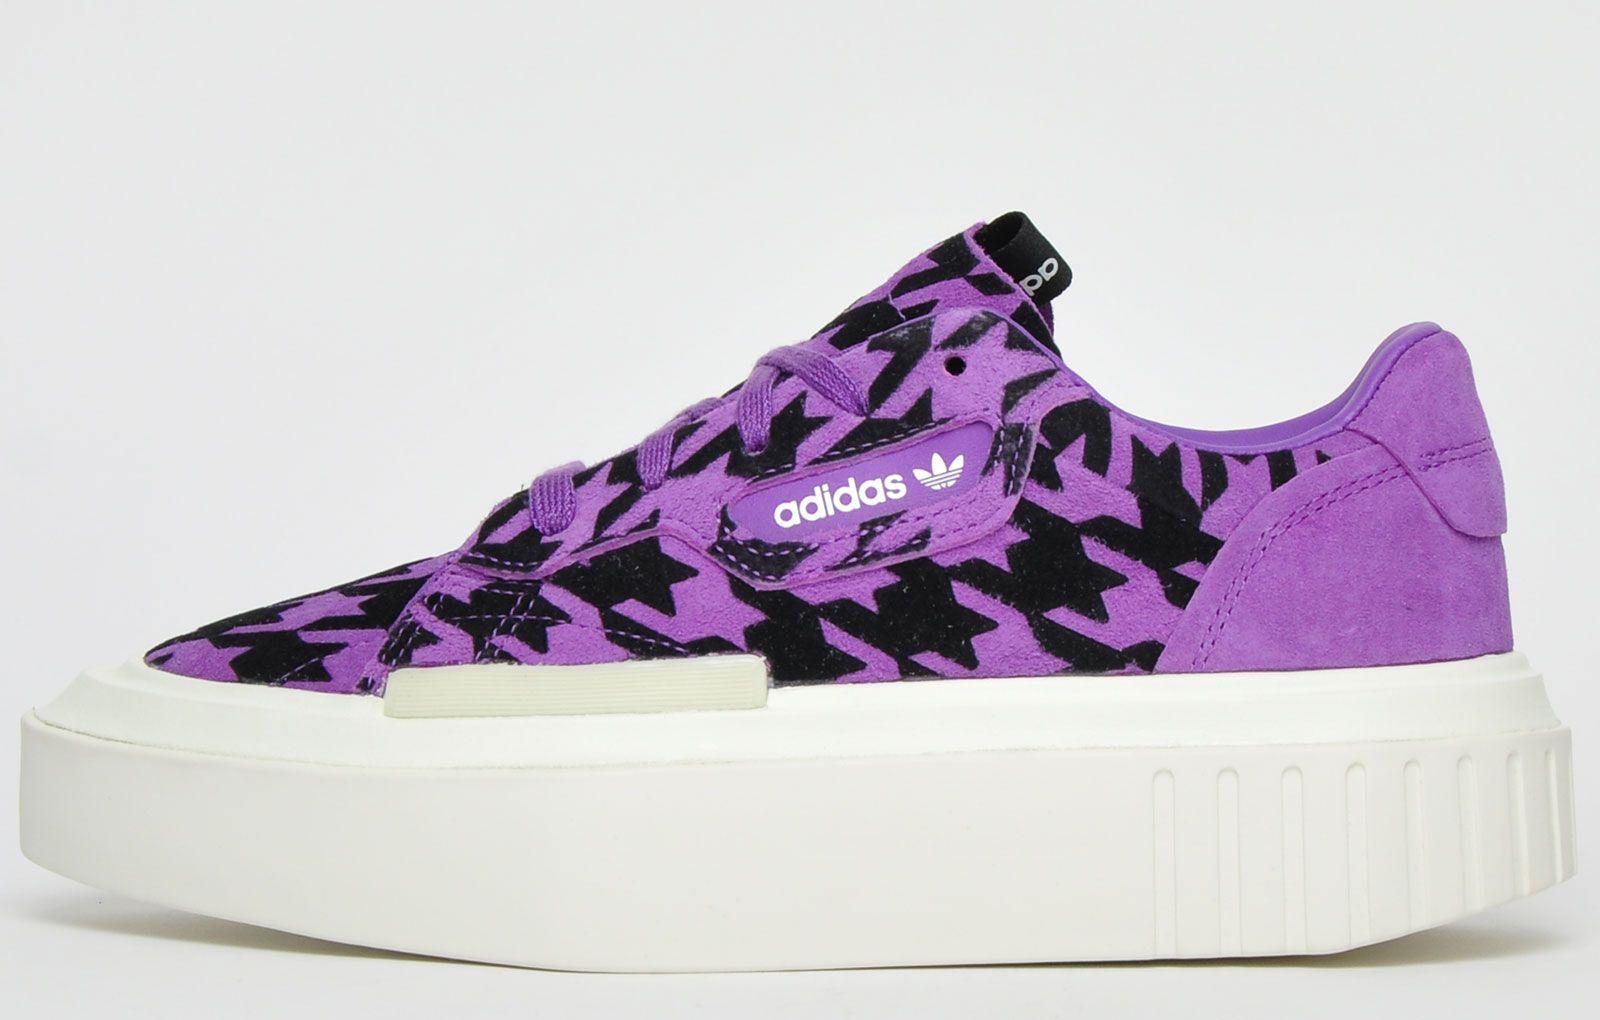 Adidas Originals HyperSleek Womens